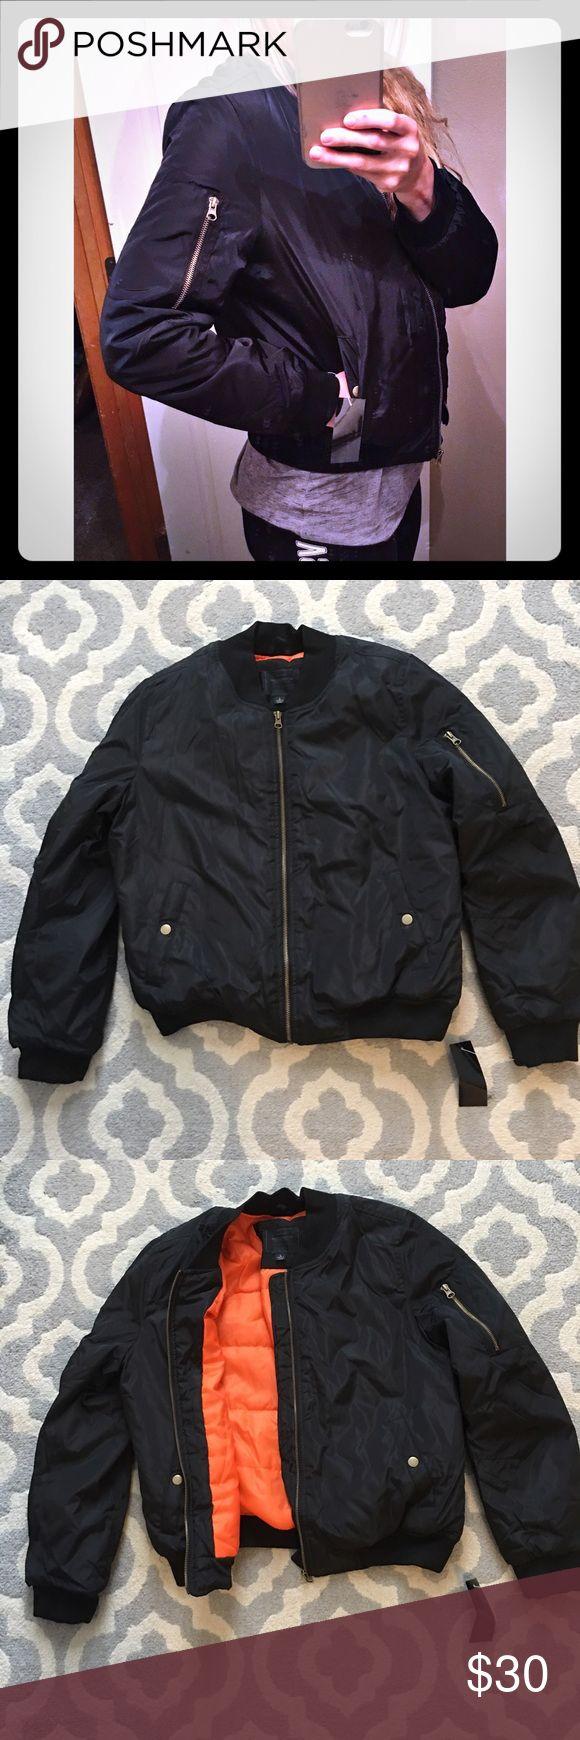 Women's bomber jacket size large NWT New with tags bomber jacket black! Orange inside Jackets & Coats